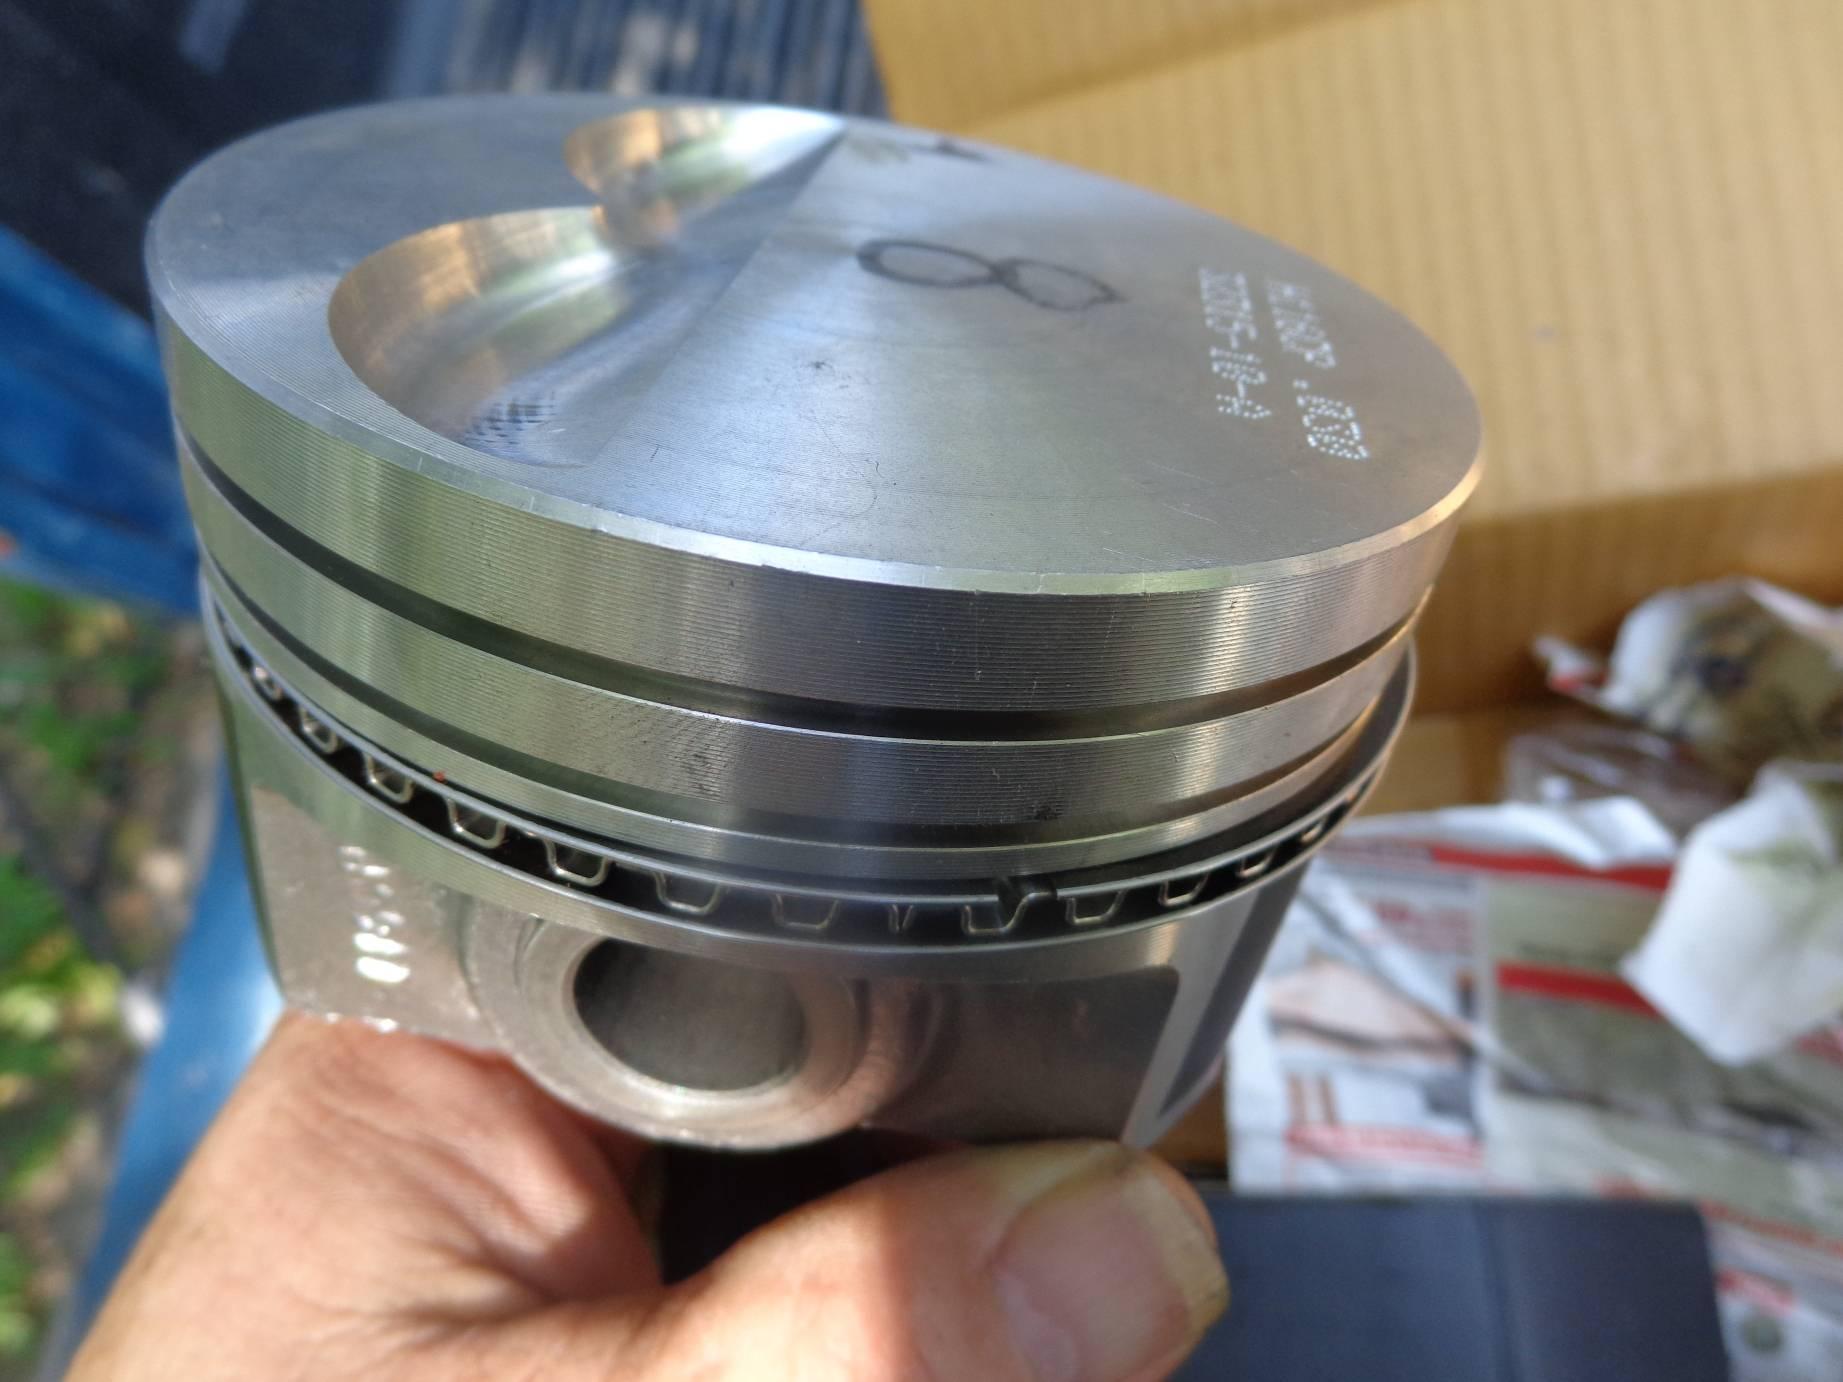 DSC09973 B.JPG